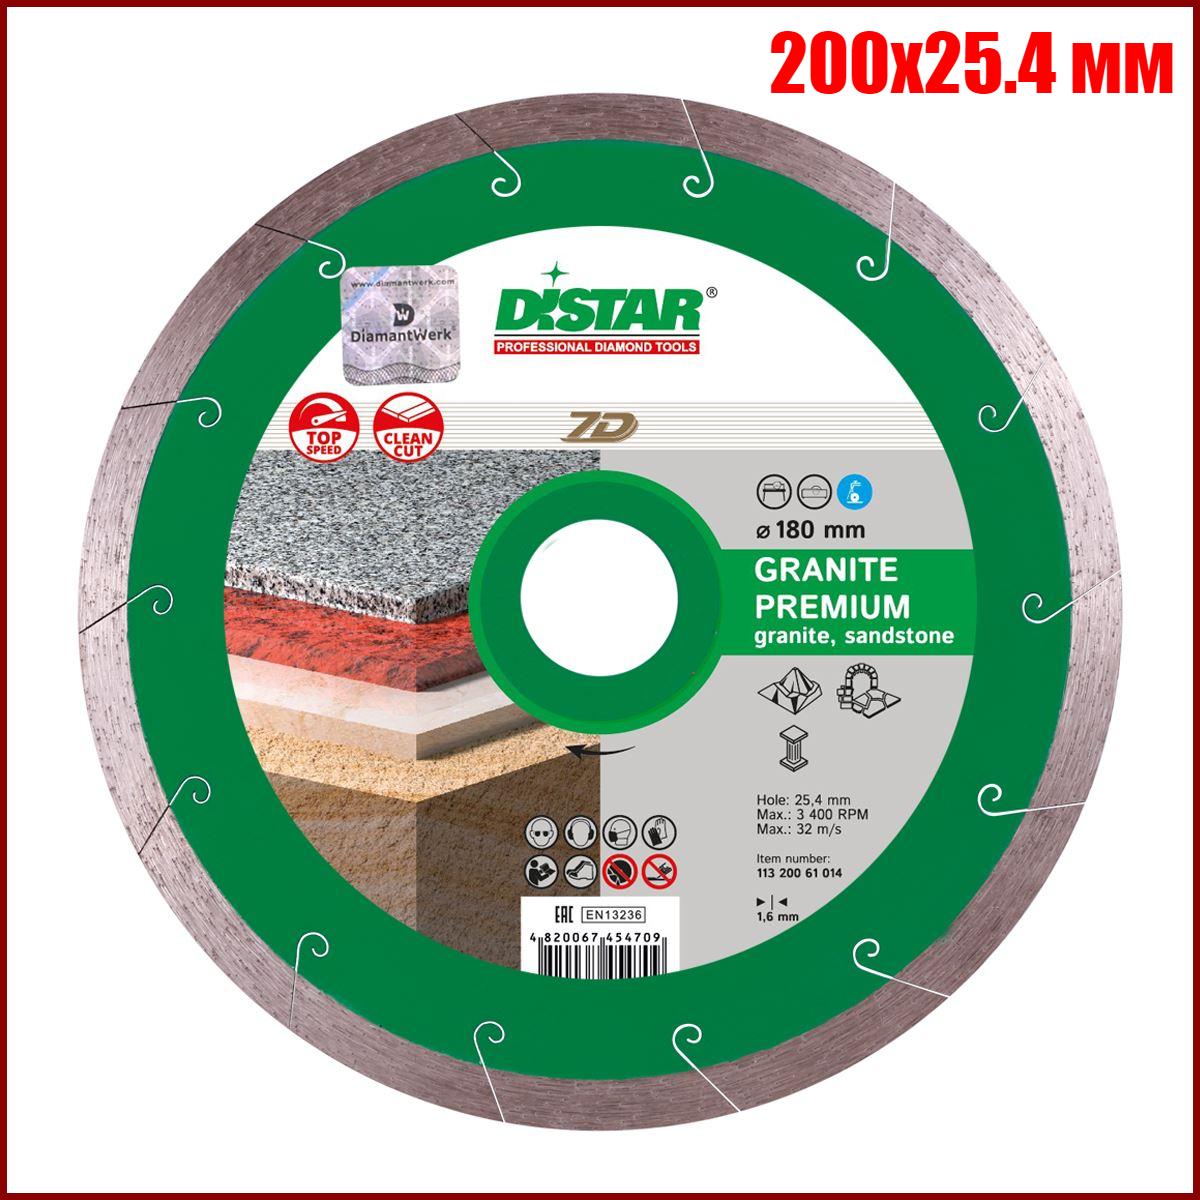 Алмазный отрезной диск Distar Granite Premium 7D 200x25.4 мм